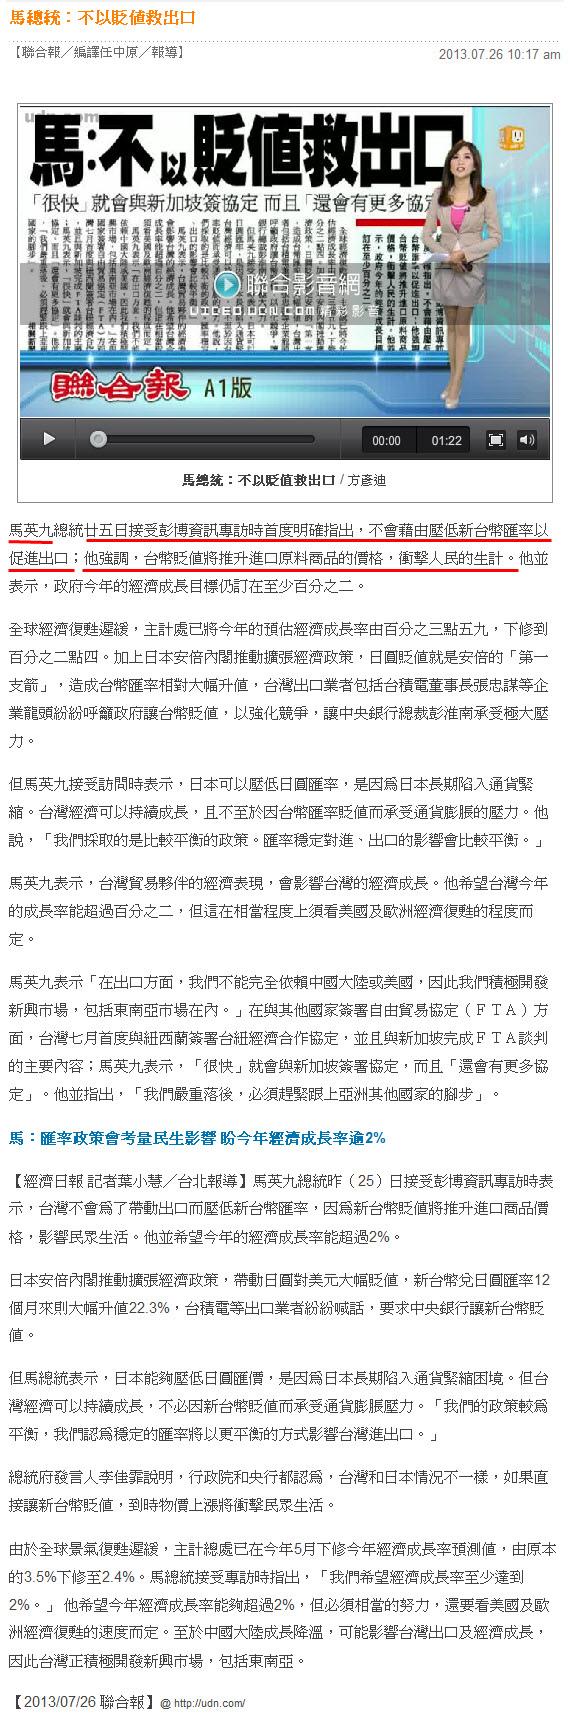 馬總統:不以貶值救出口-2013.07.26-01.jpg